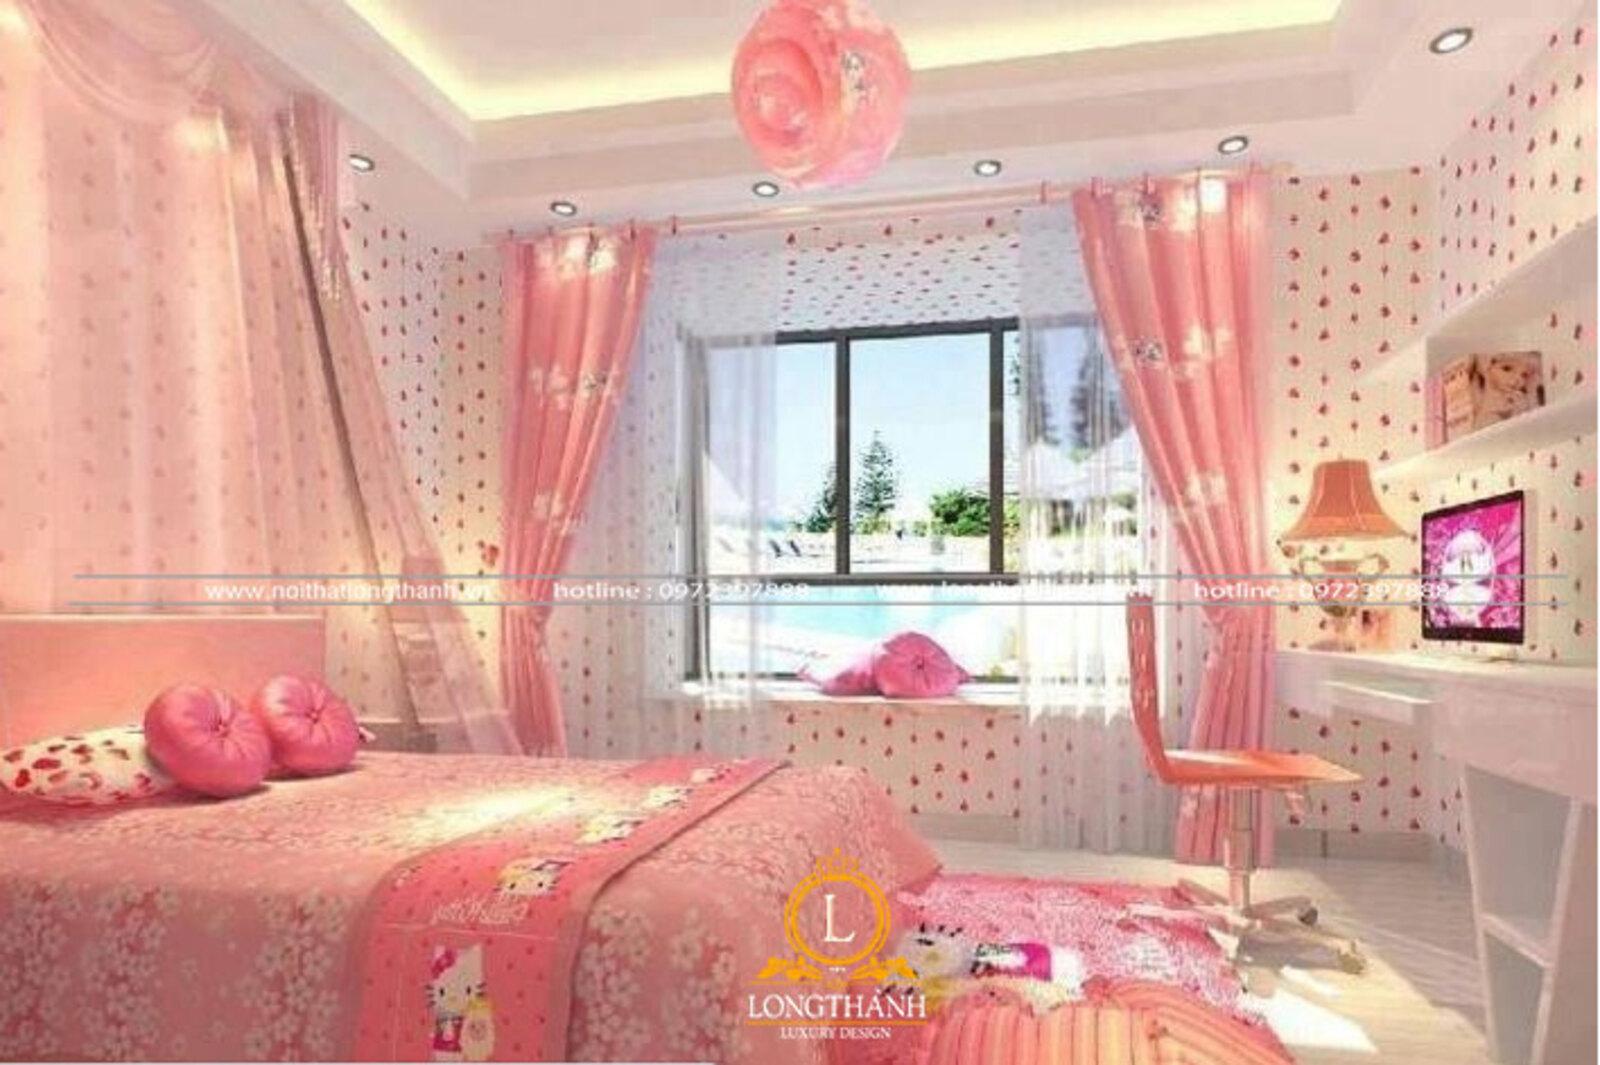 10 Mẫu phòng ngủ hiện đại, đáng yêu dành cho bé gái